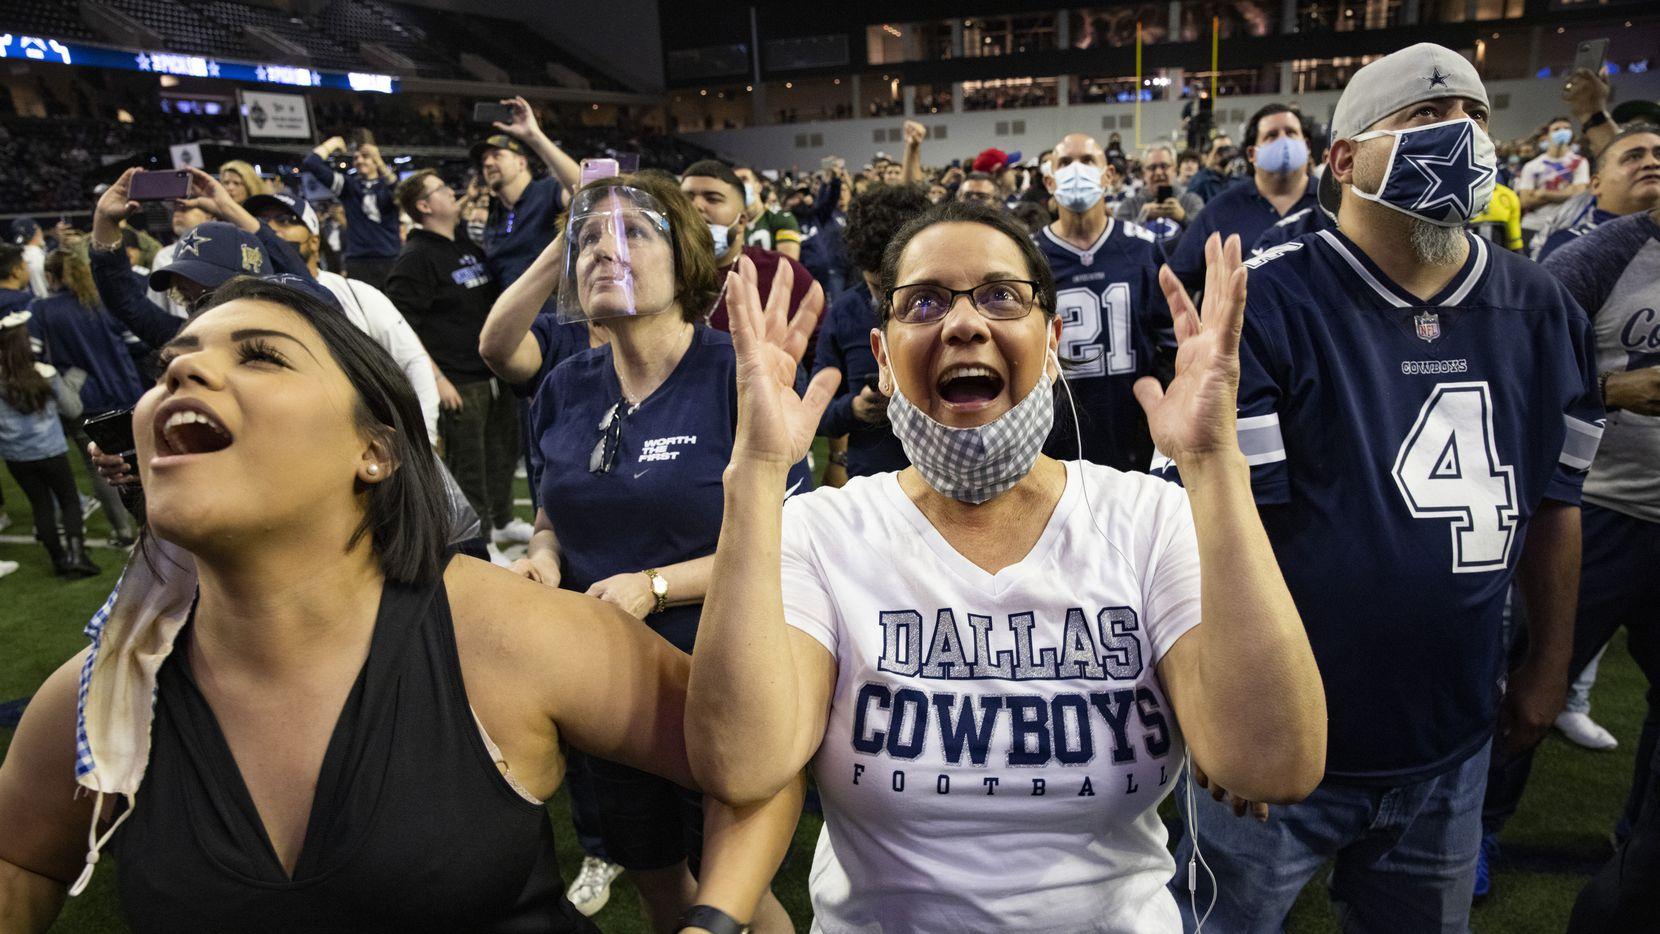 Los seguidores de los Cowboys de Dallas ya conocen a los rivales de su equipo para la temporada 2021 de la NFL.